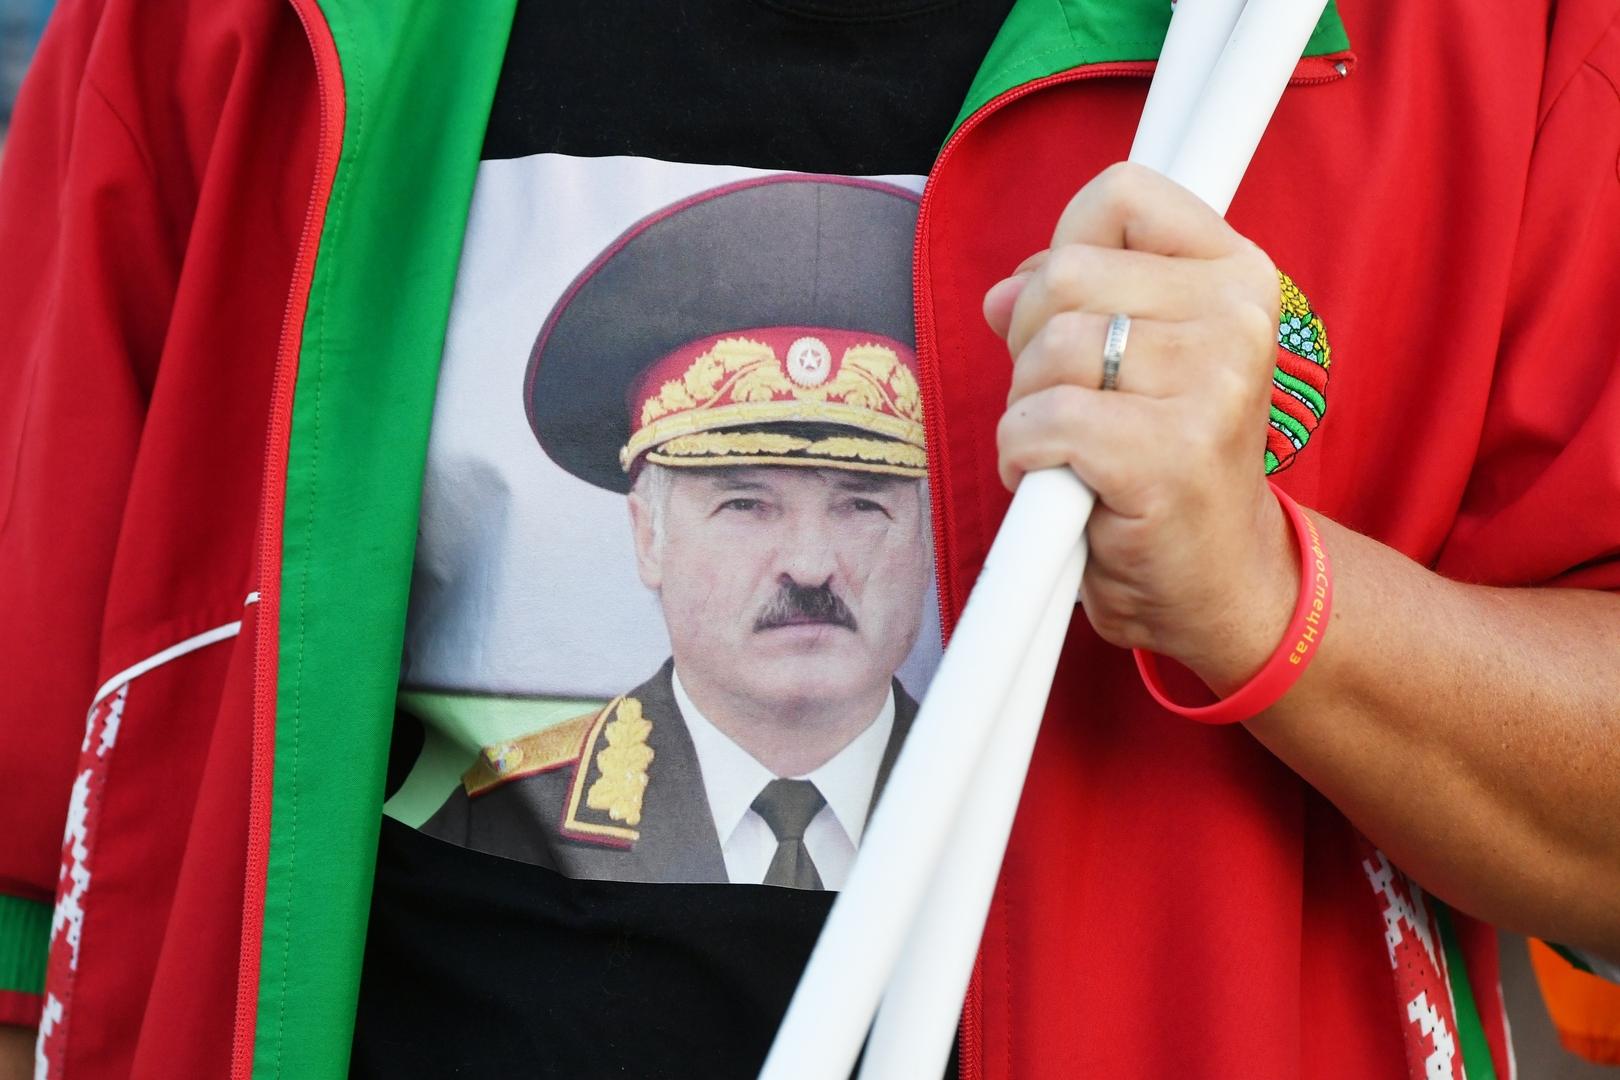 لوكاشينكو يجرد 3 دبلوماسيين من رتبهم على خلفية الاحتجاجات